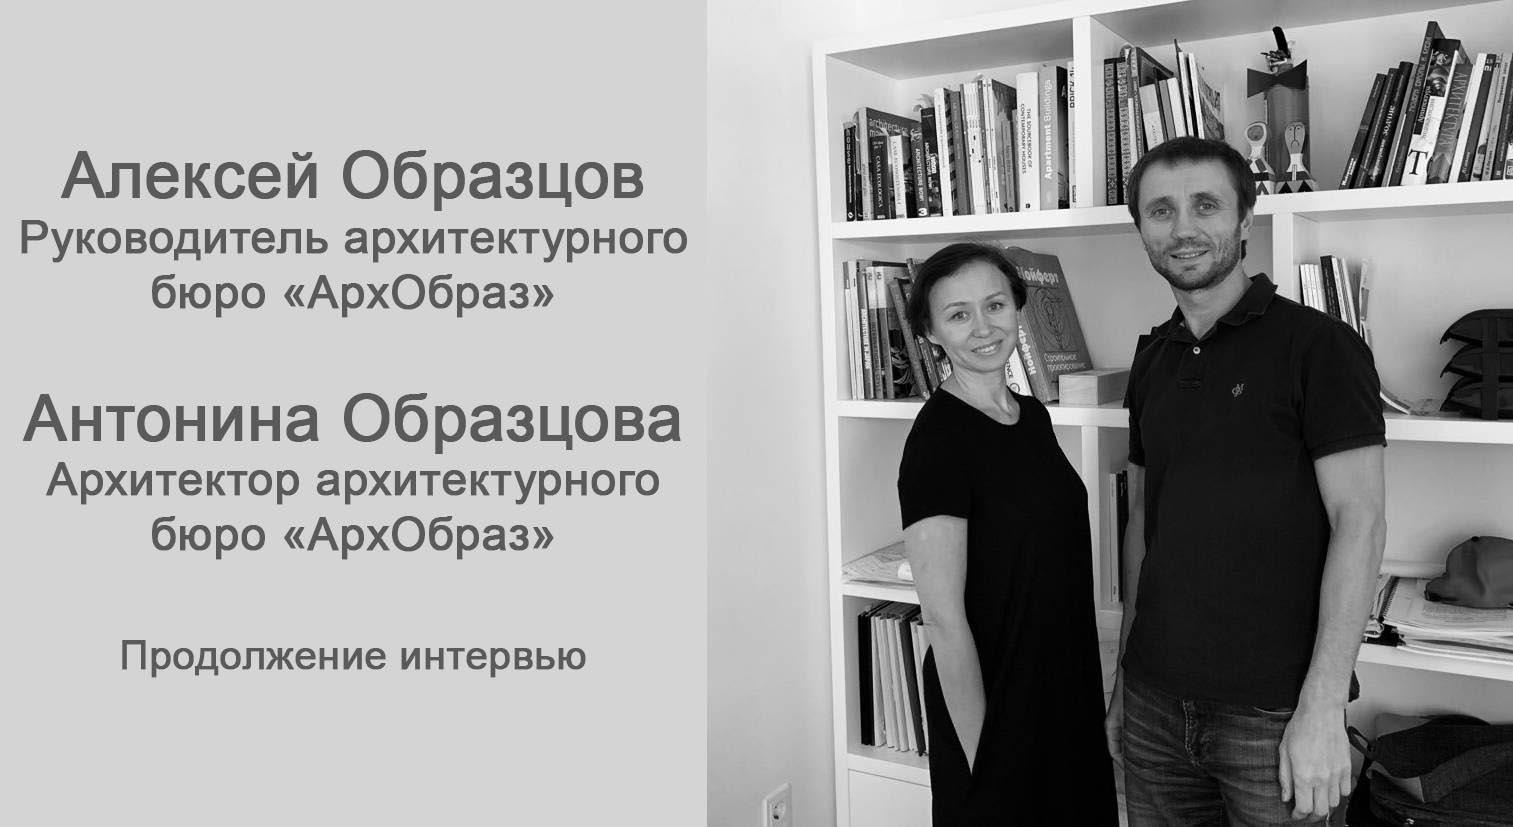 Интервью Алексея Образцова и Антонины Образцовой (архитектурное бюро «АрхОбраз») бренду DAVIS CASA. Часть 2